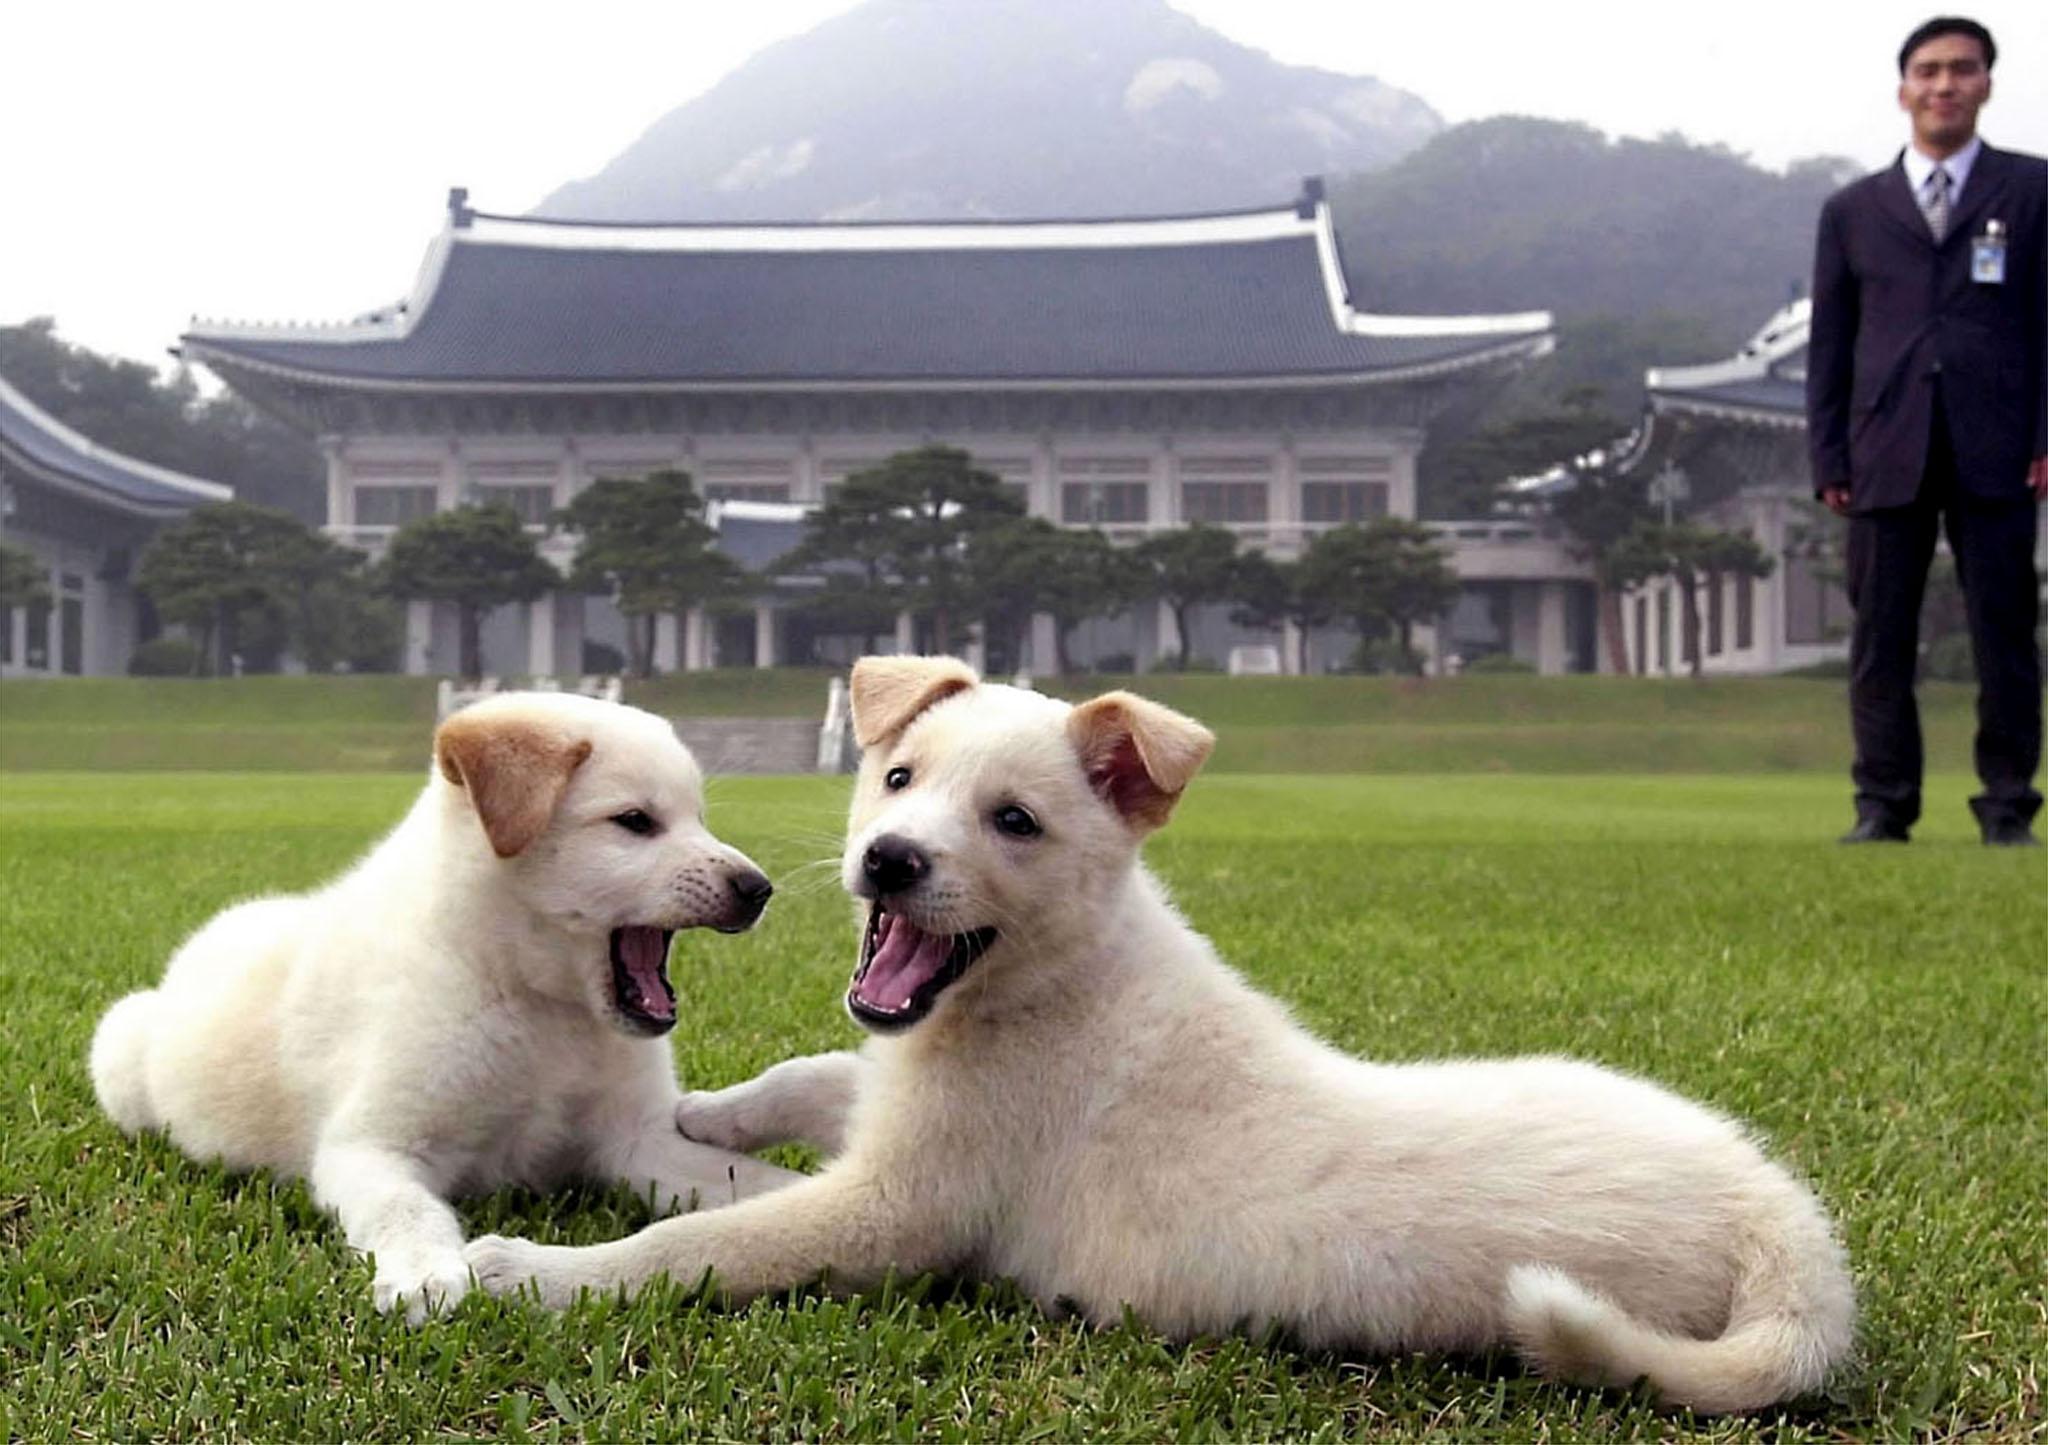 North Korea Has Sent South Korea Two Dogs As A Gesture Of Peace Quartz